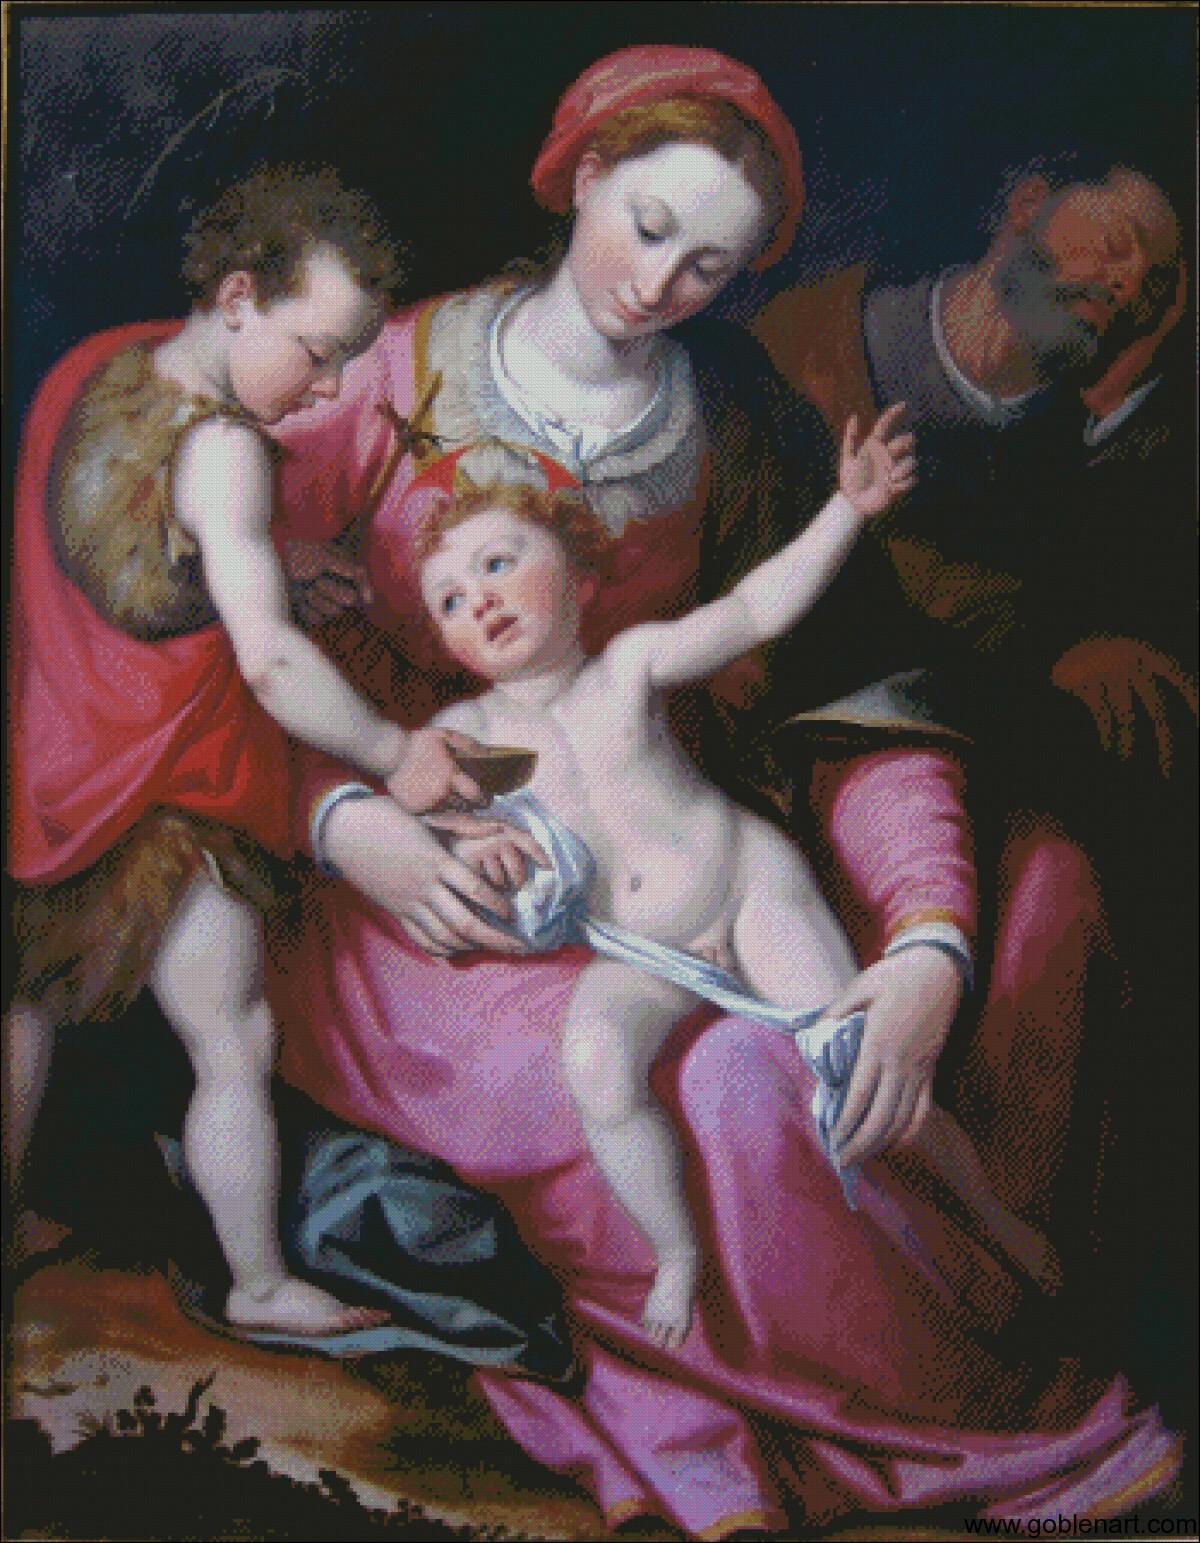 Santi di Tito - Holy Family